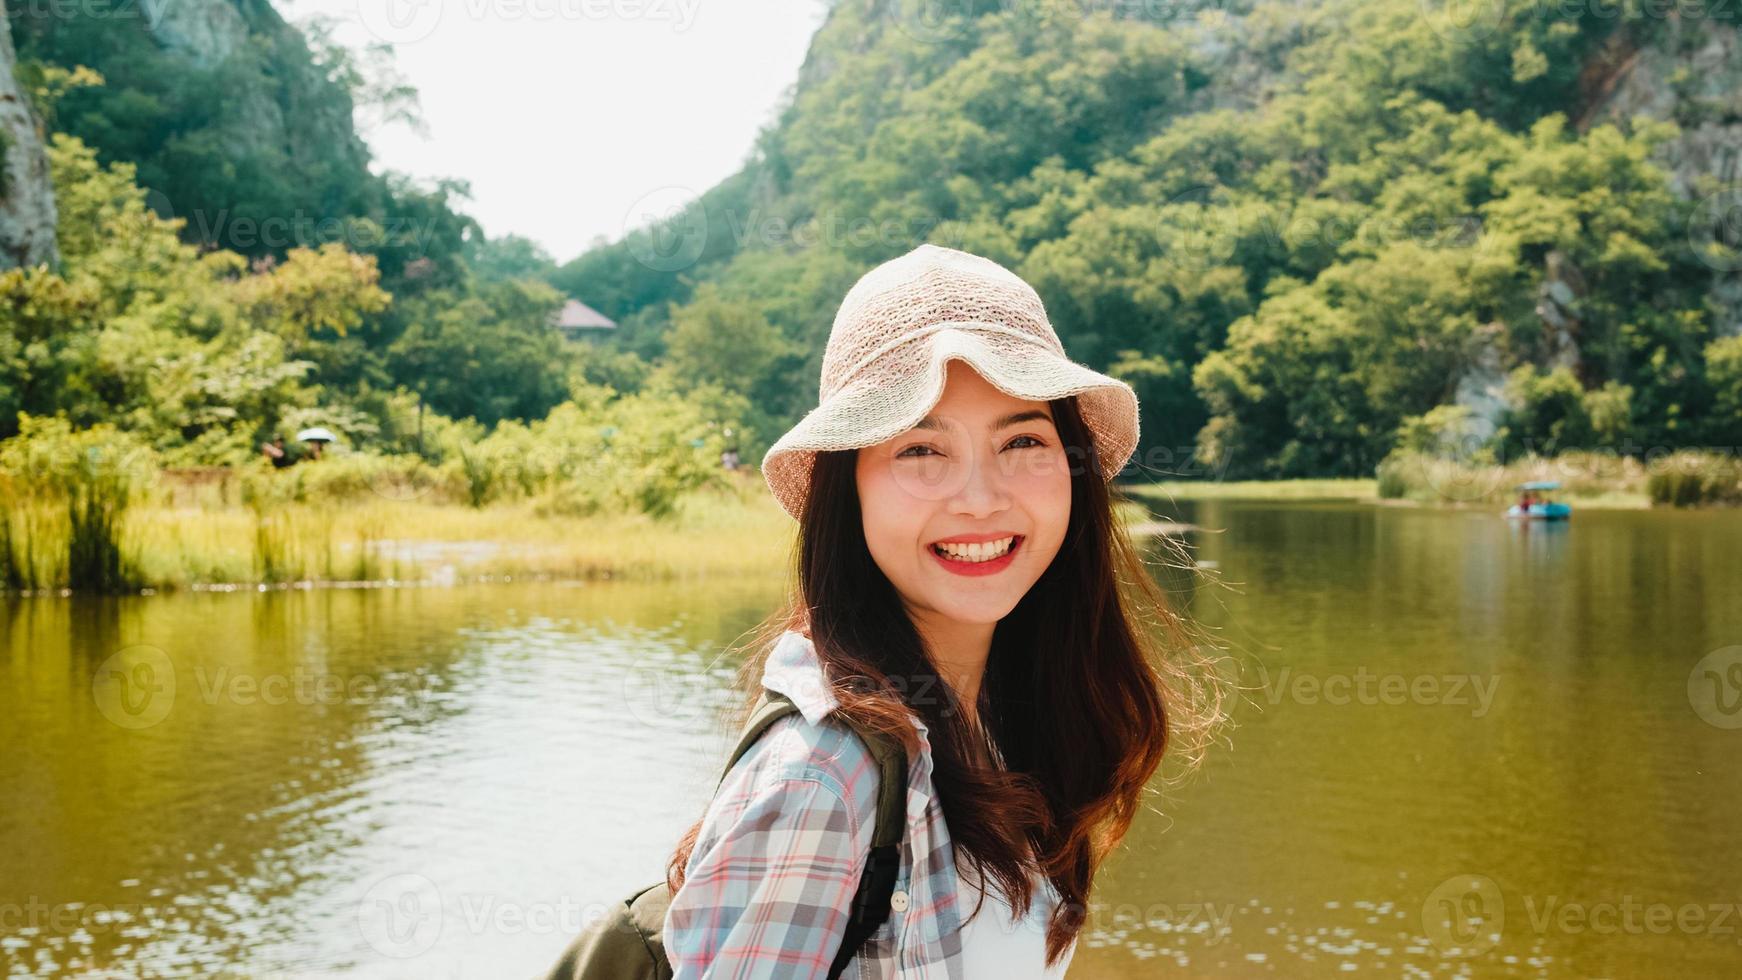 alegre jovem viajante asiática com mochila caminhando no lago de montanha. adolescente coreana desfrutar de sua aventura de férias sentindo feliz liberdade. viajar de estilo de vida e relaxar no conceito de tempo livre. foto